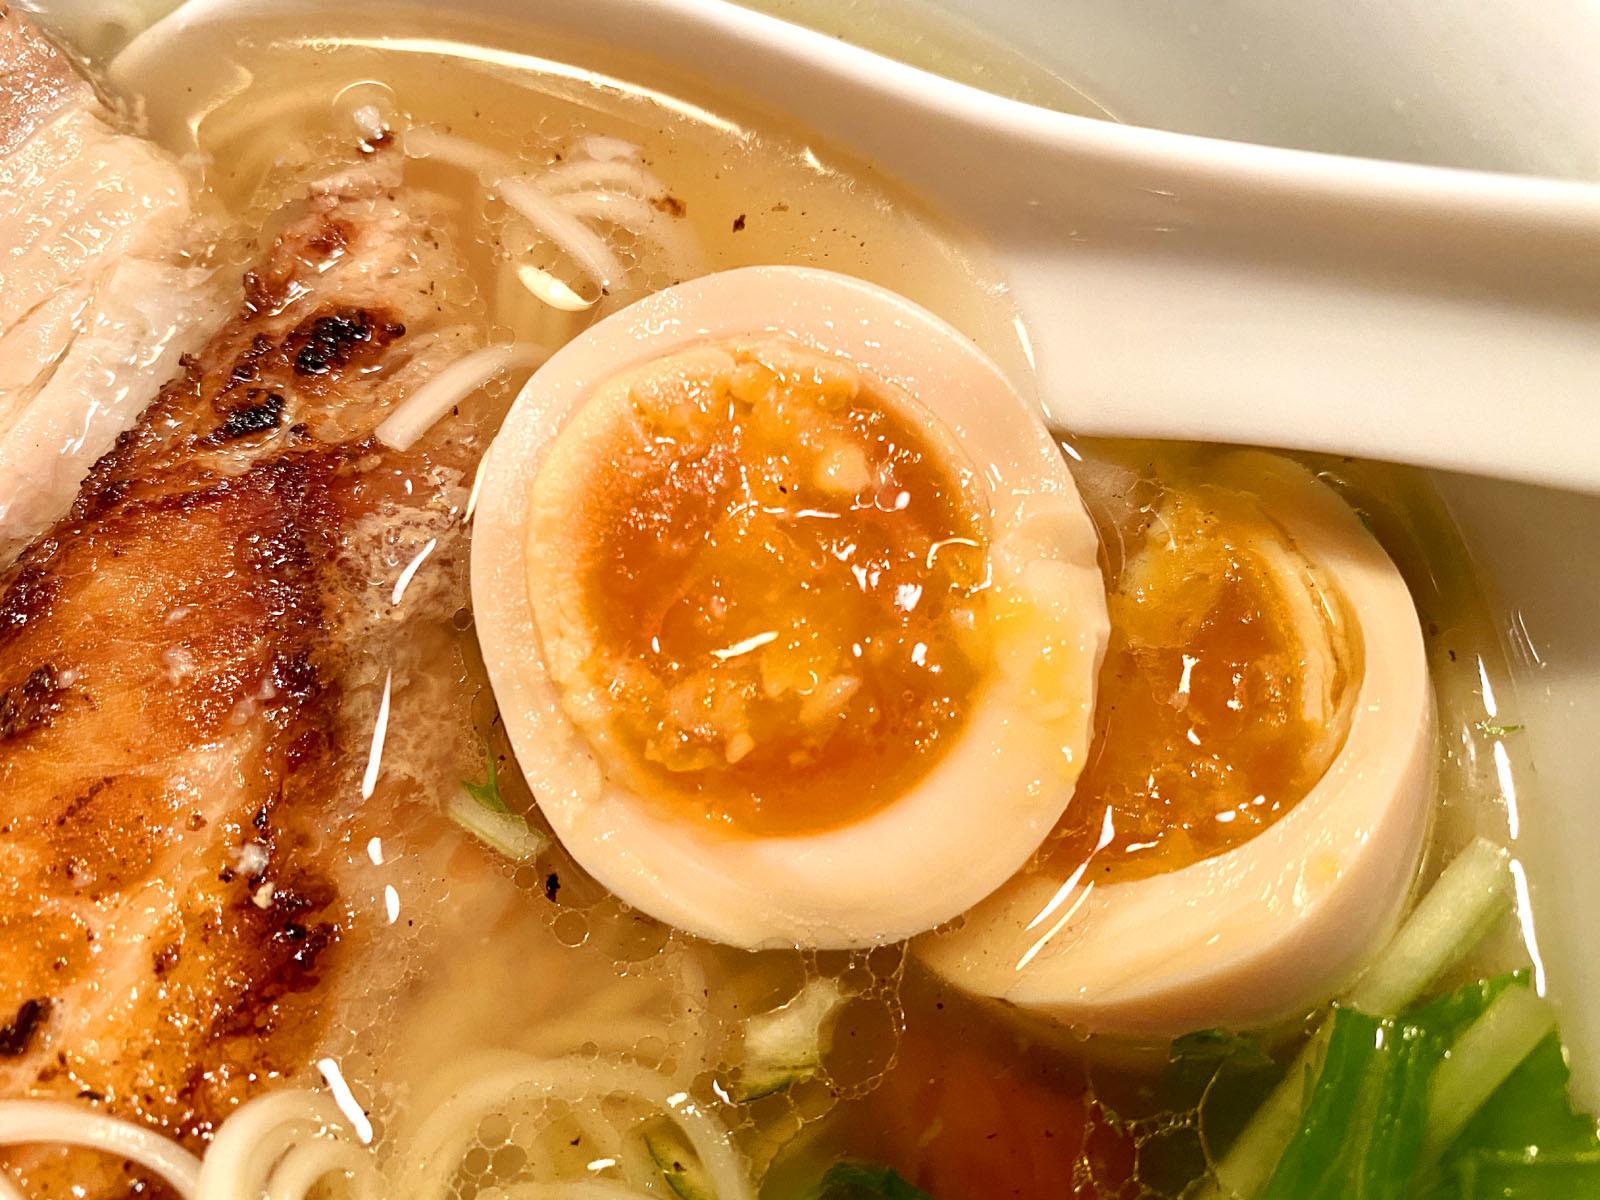 塩味玉らー麺 790円(税抜)味玉